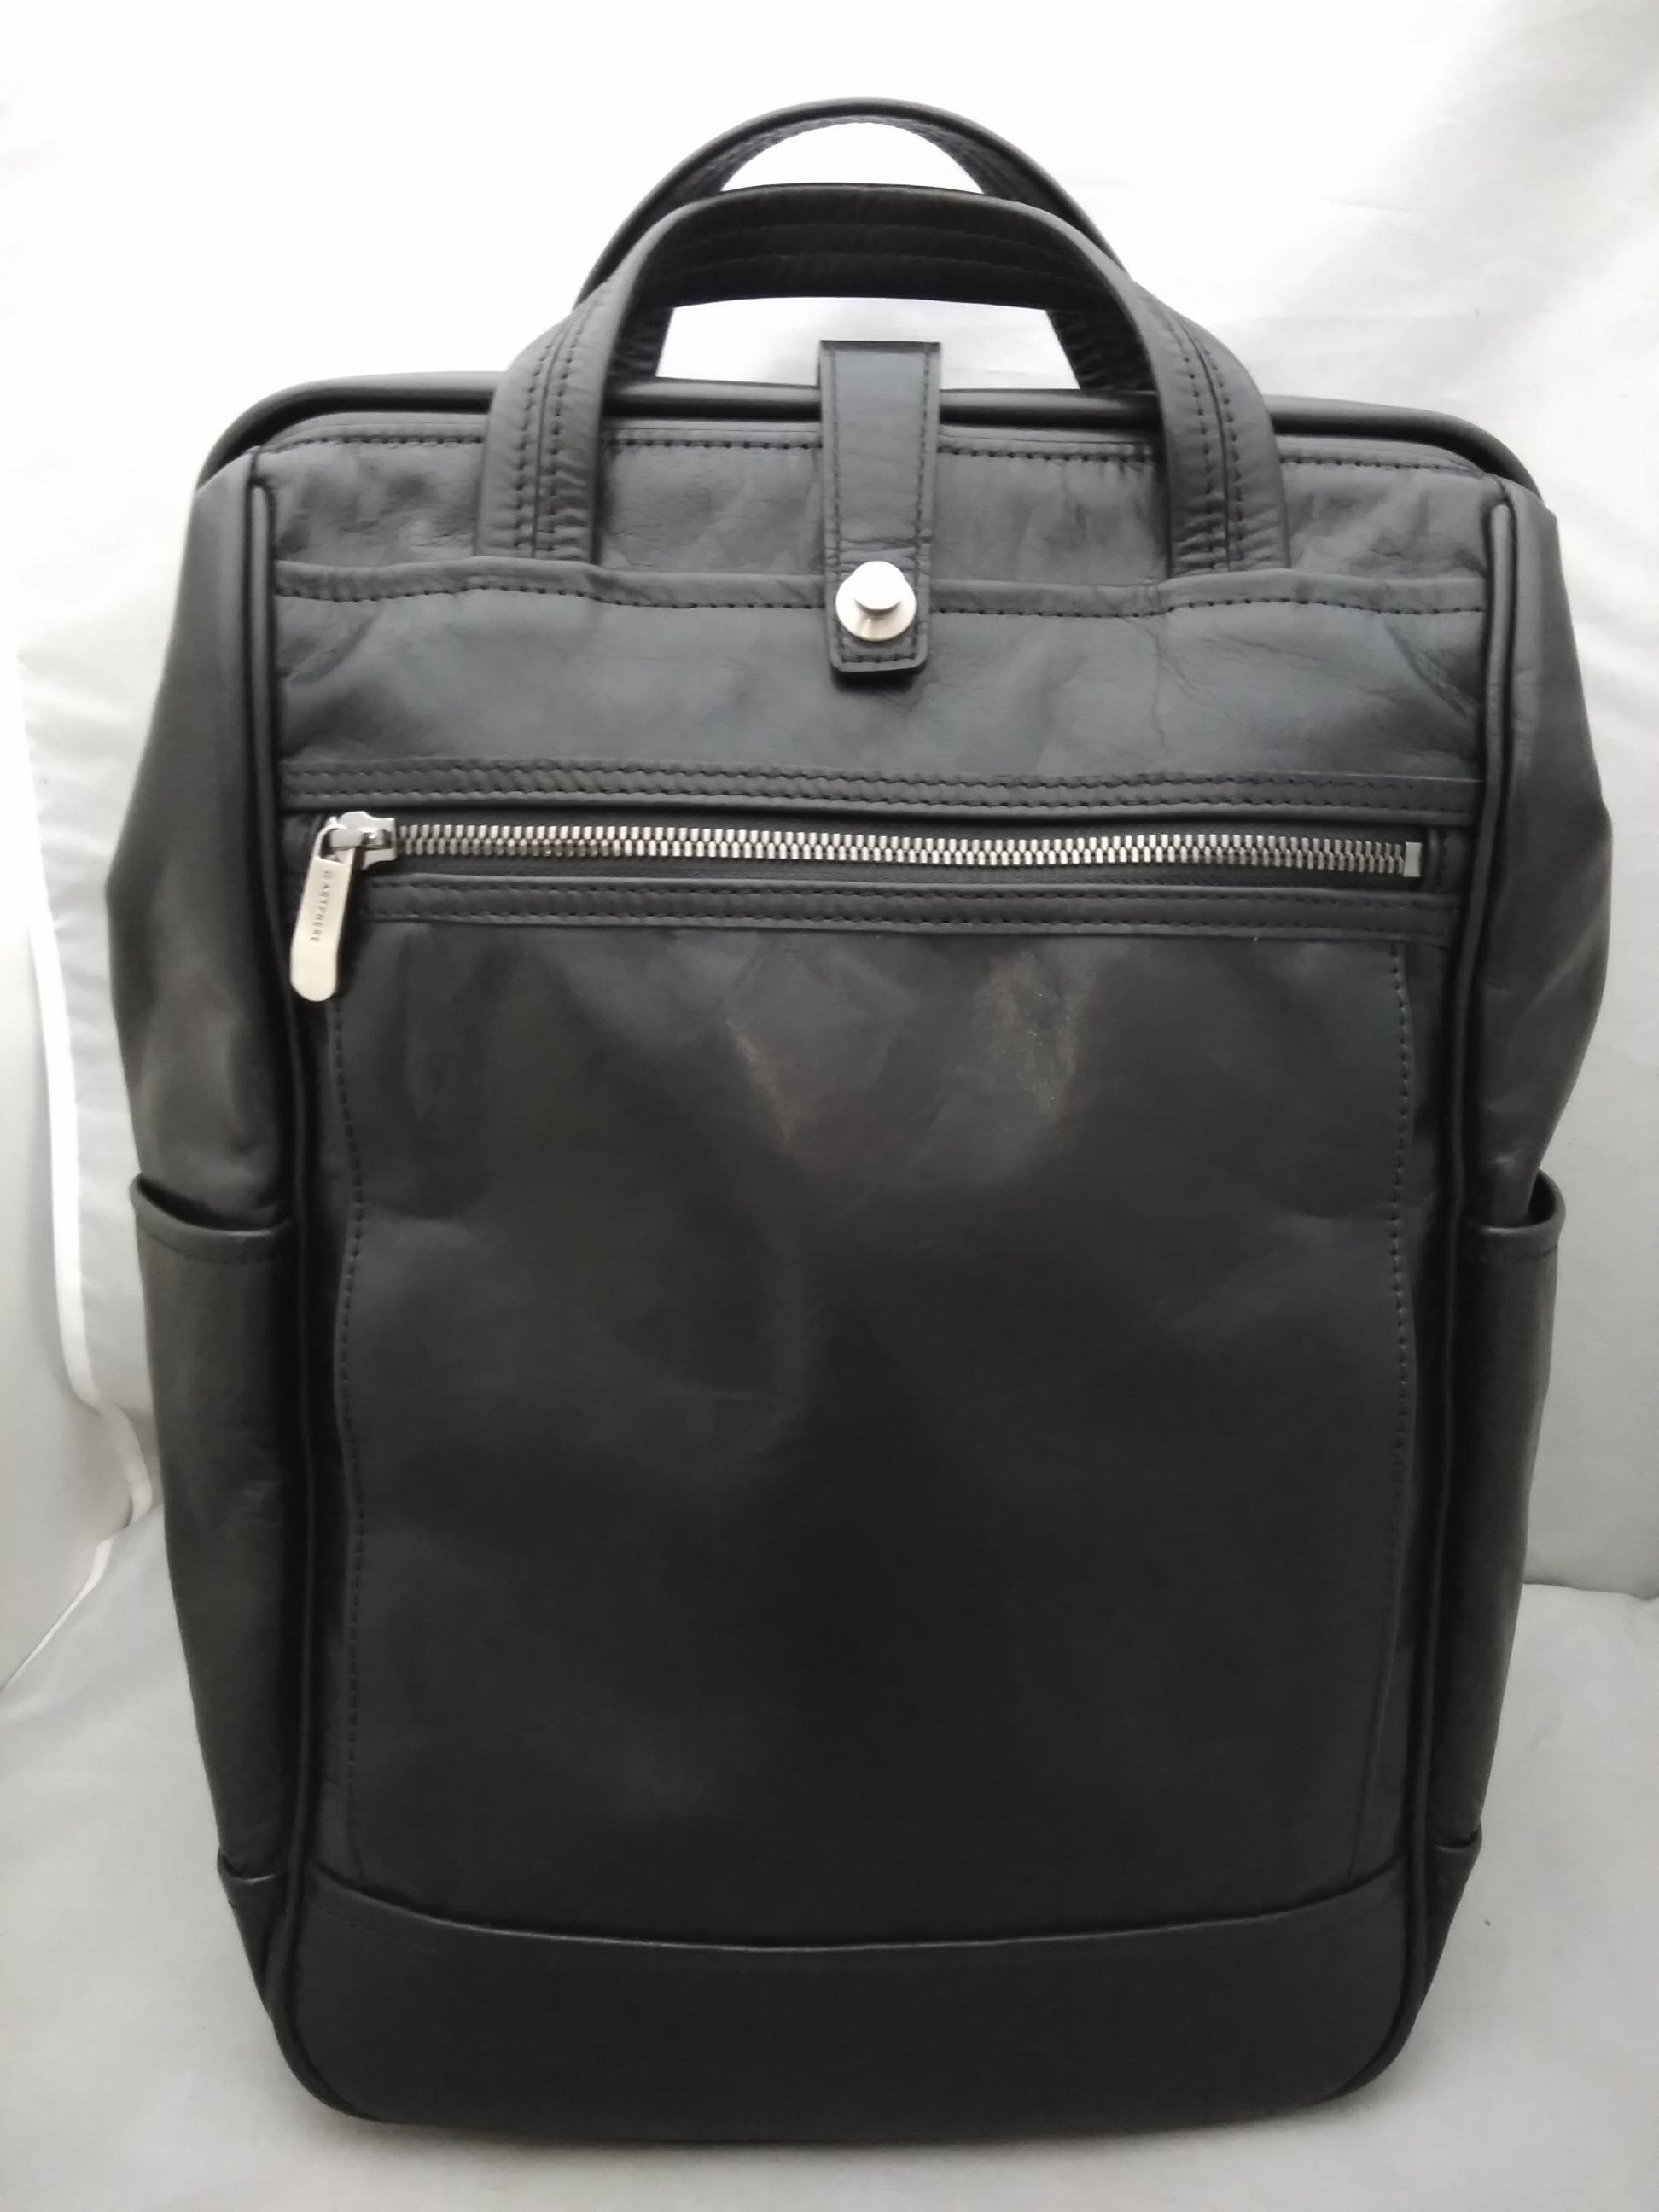 ARTPHERE 豊岡鞄 革 リュック バッグ がま口 黒 mu981c